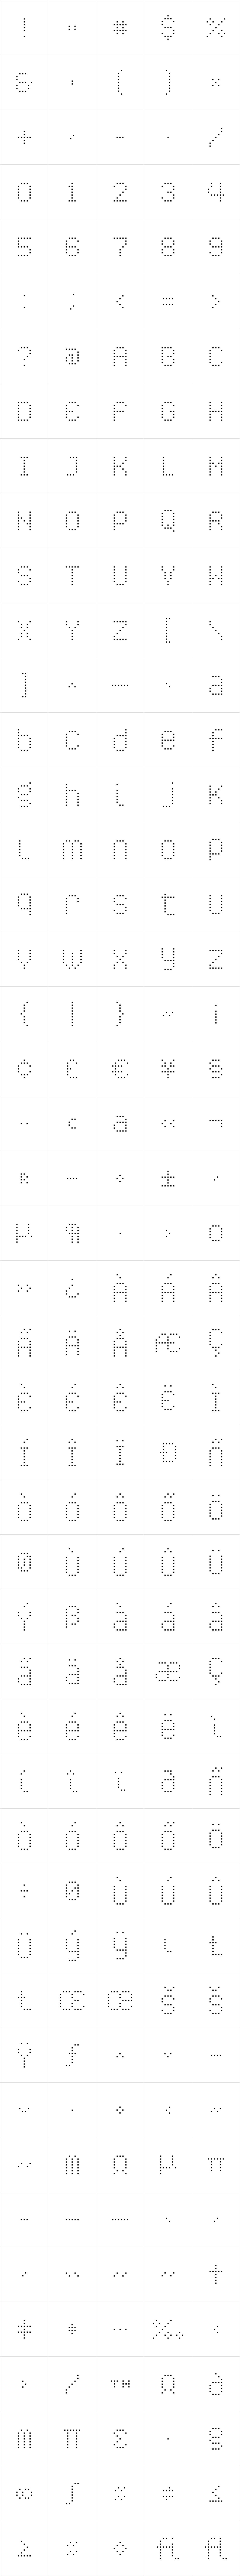 YWFT Caliper Light Cubed